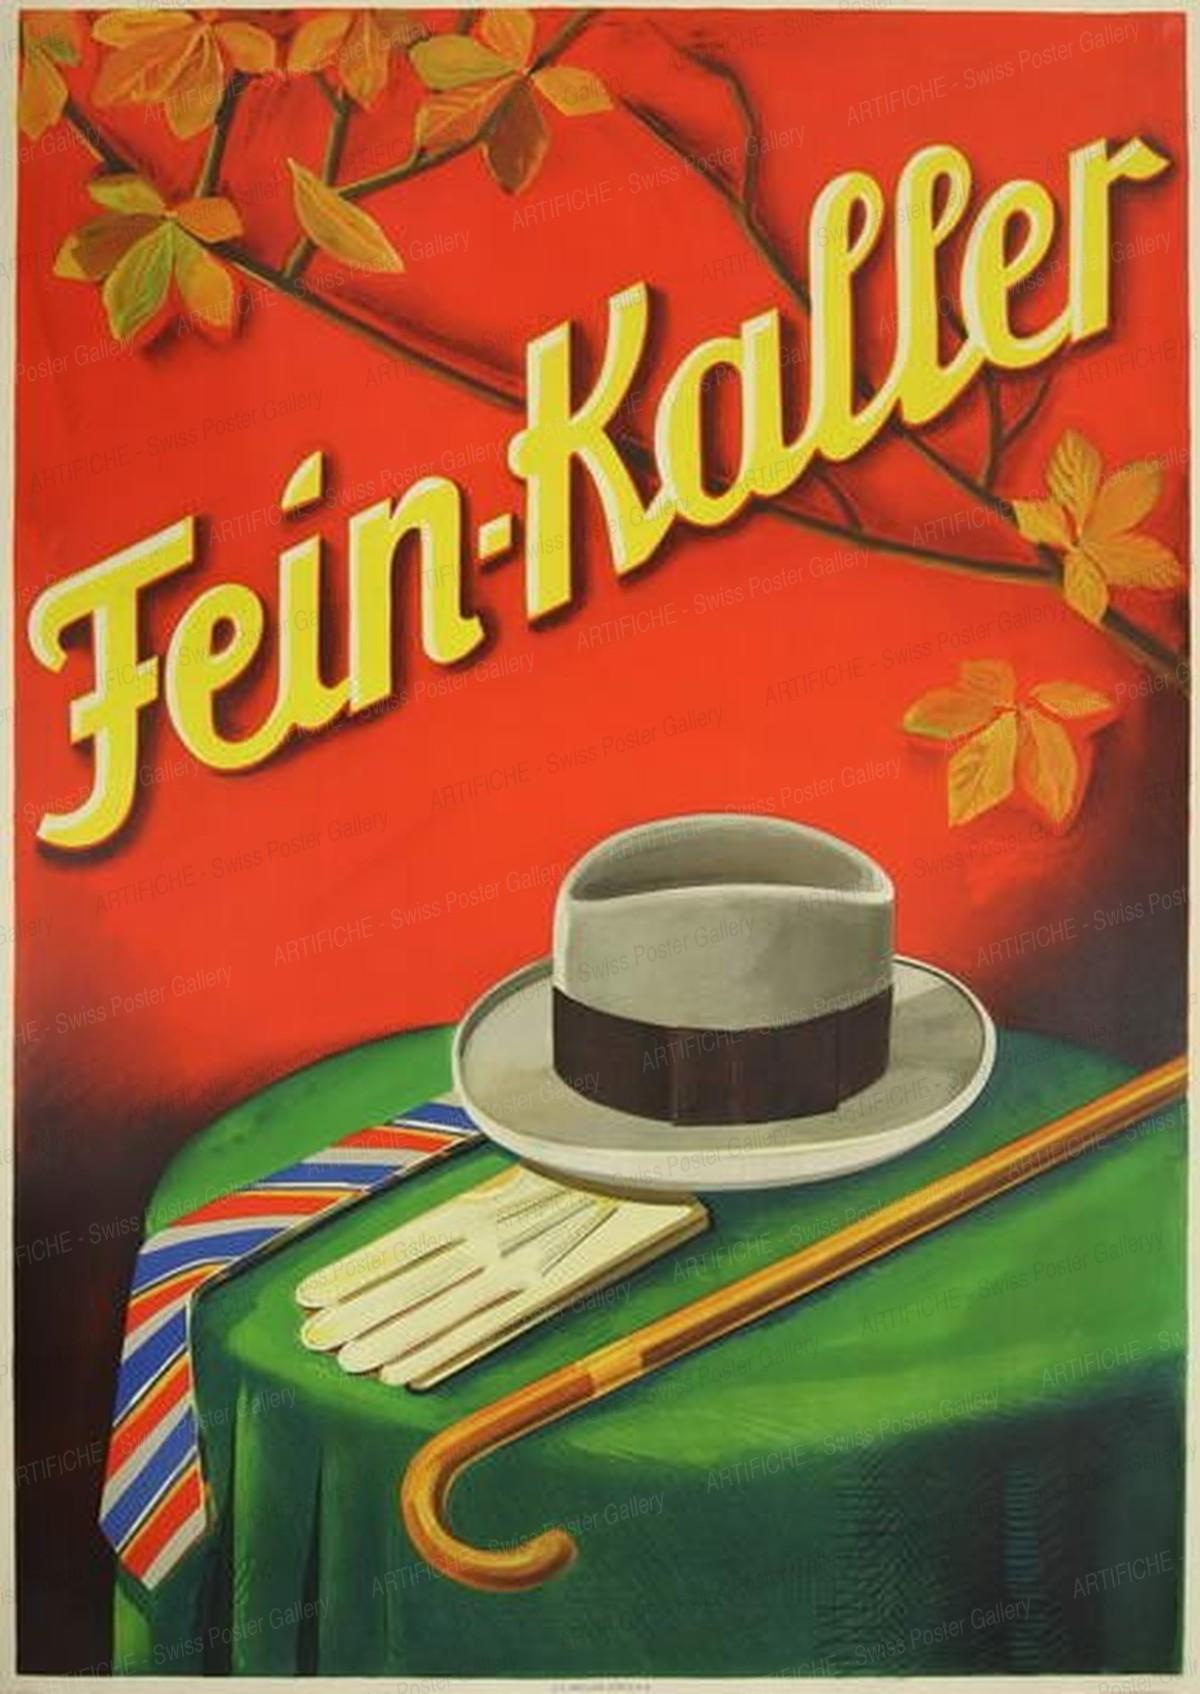 Fein-Kaller, de Praetere Jules